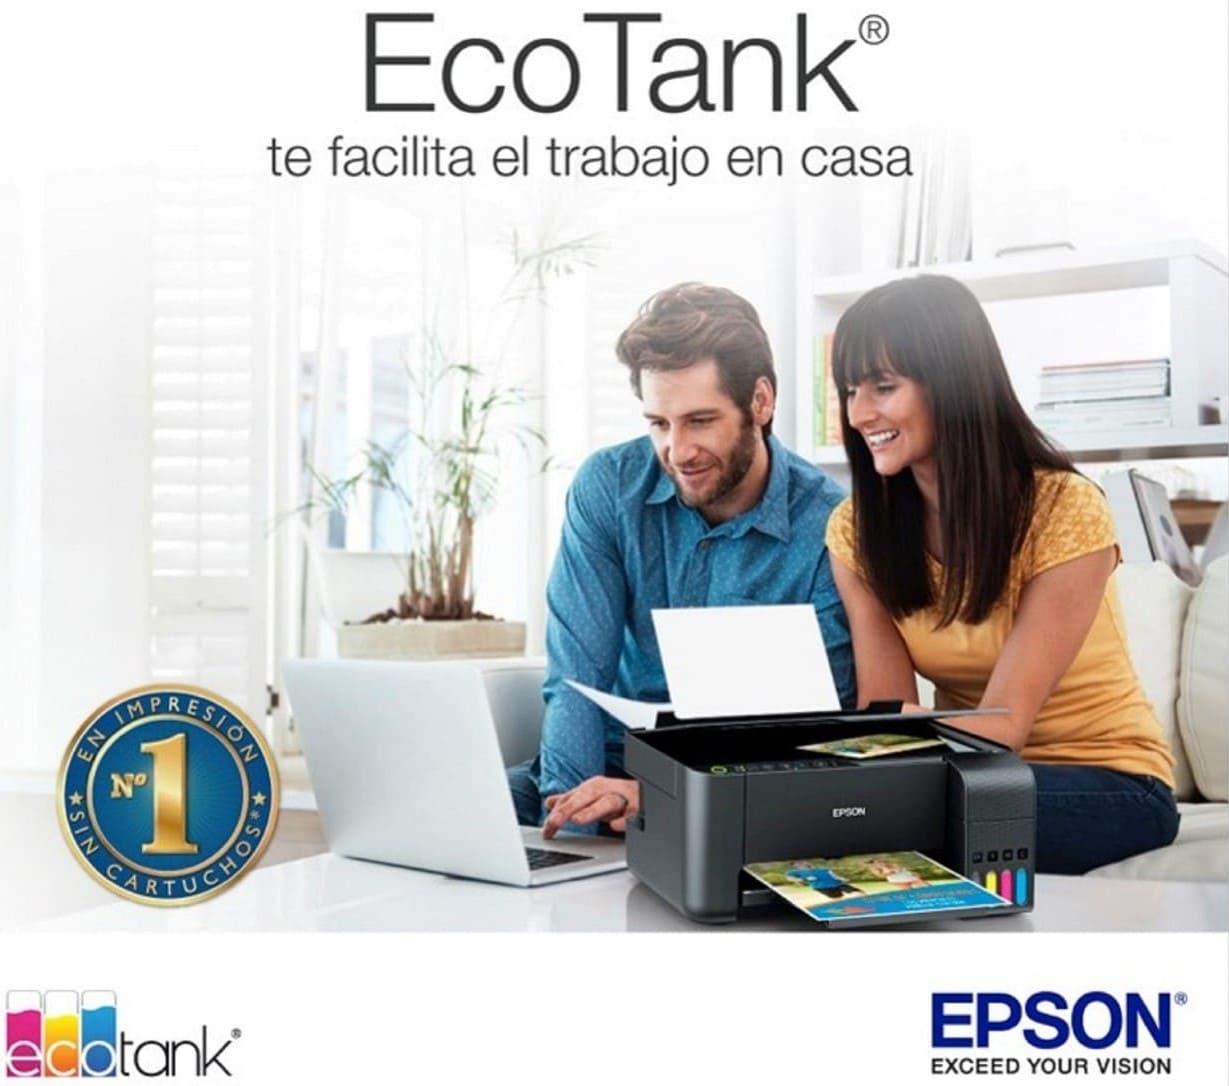 EPSON IMPLEMENTA NUEVAS SOLUCIONES PARA EL TRABAJO EN CASA